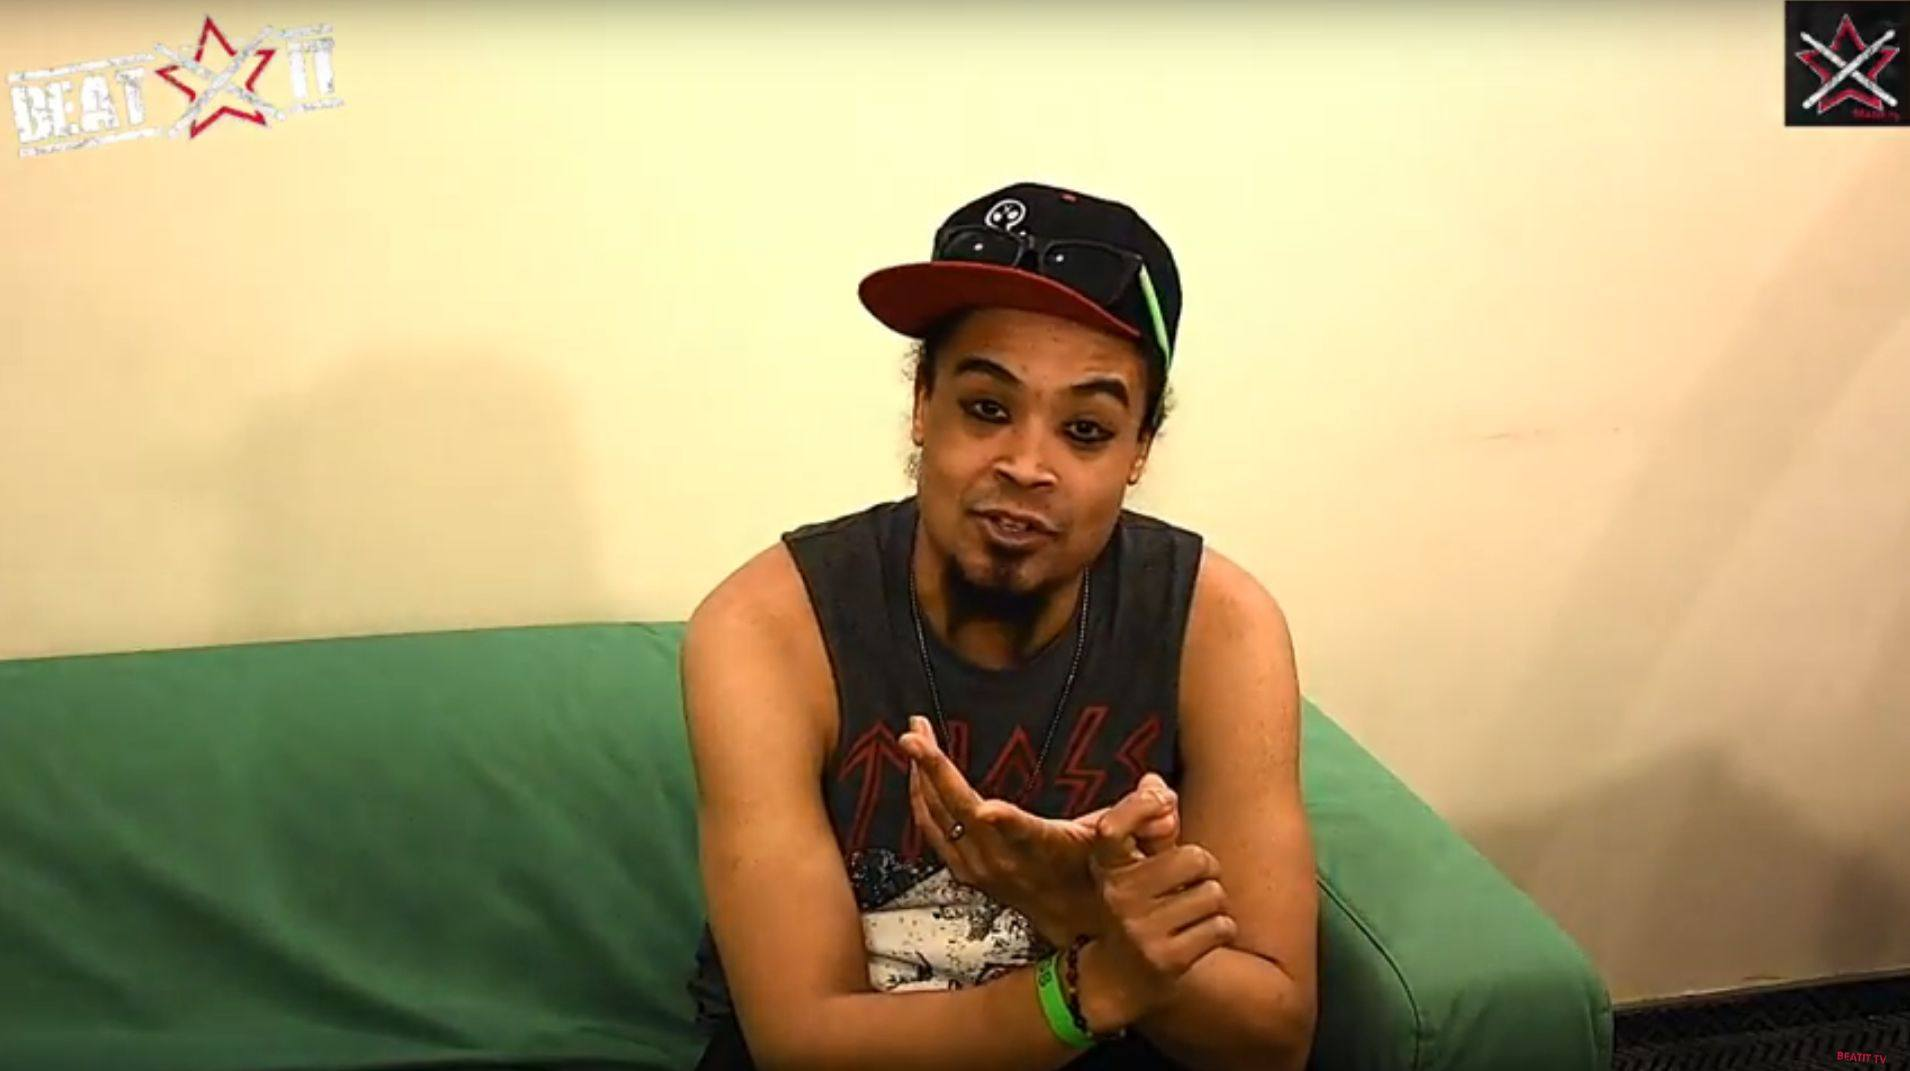 Jeremiah Stratton (hed) P.E wywiad dla beatit.tv